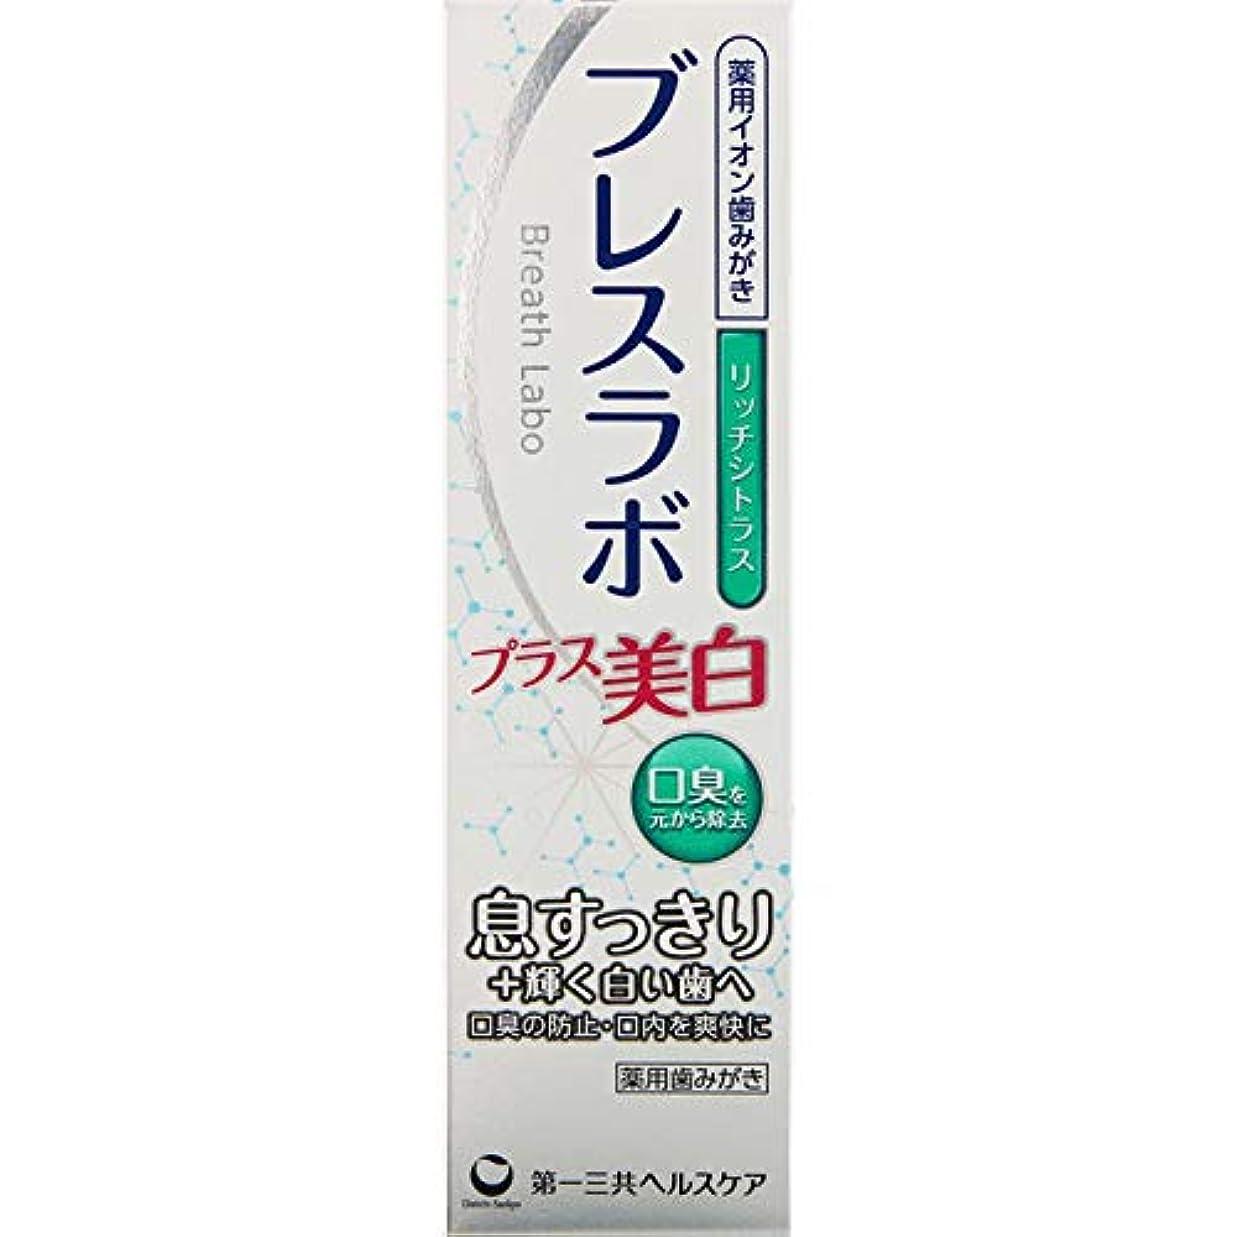 浸透するアイザックテント【4個セット】ブレスラボ プラス美白 リッチシトラス 90g